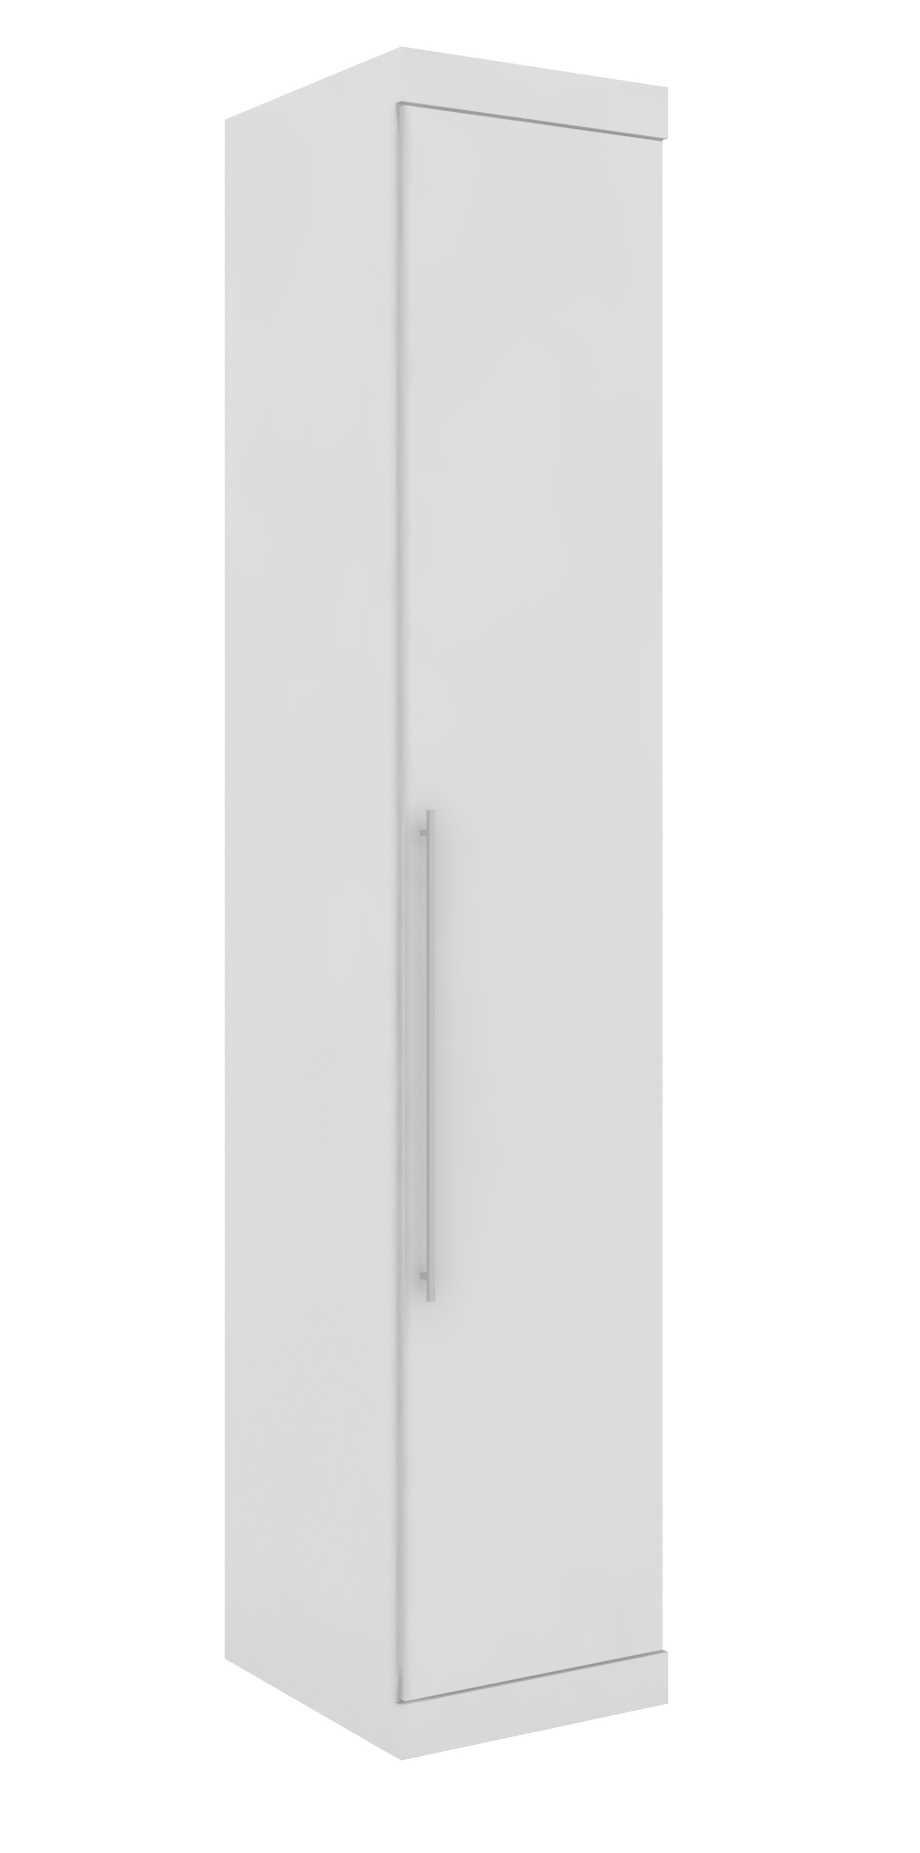 Armário Modulado Supreme 1 Porta 45cm 3 Gavetas Prateleira e 1 Cabideiro Branco Fosco e Branco Madeirado Robel Móveis